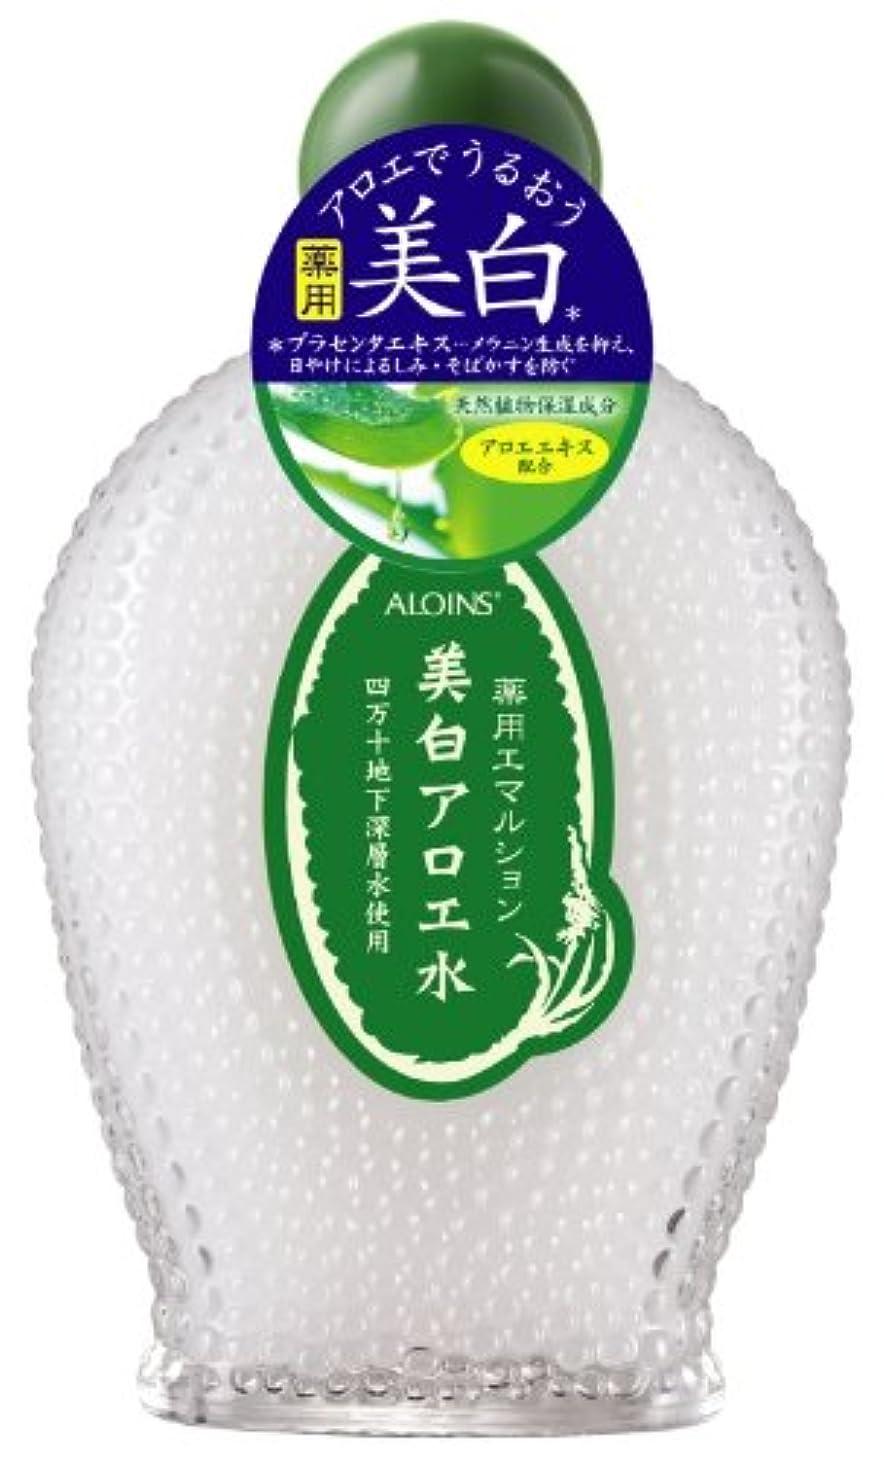 カレッジおじいちゃん集団的アロインス 美白アロエ水 薬用エマルション 150mL